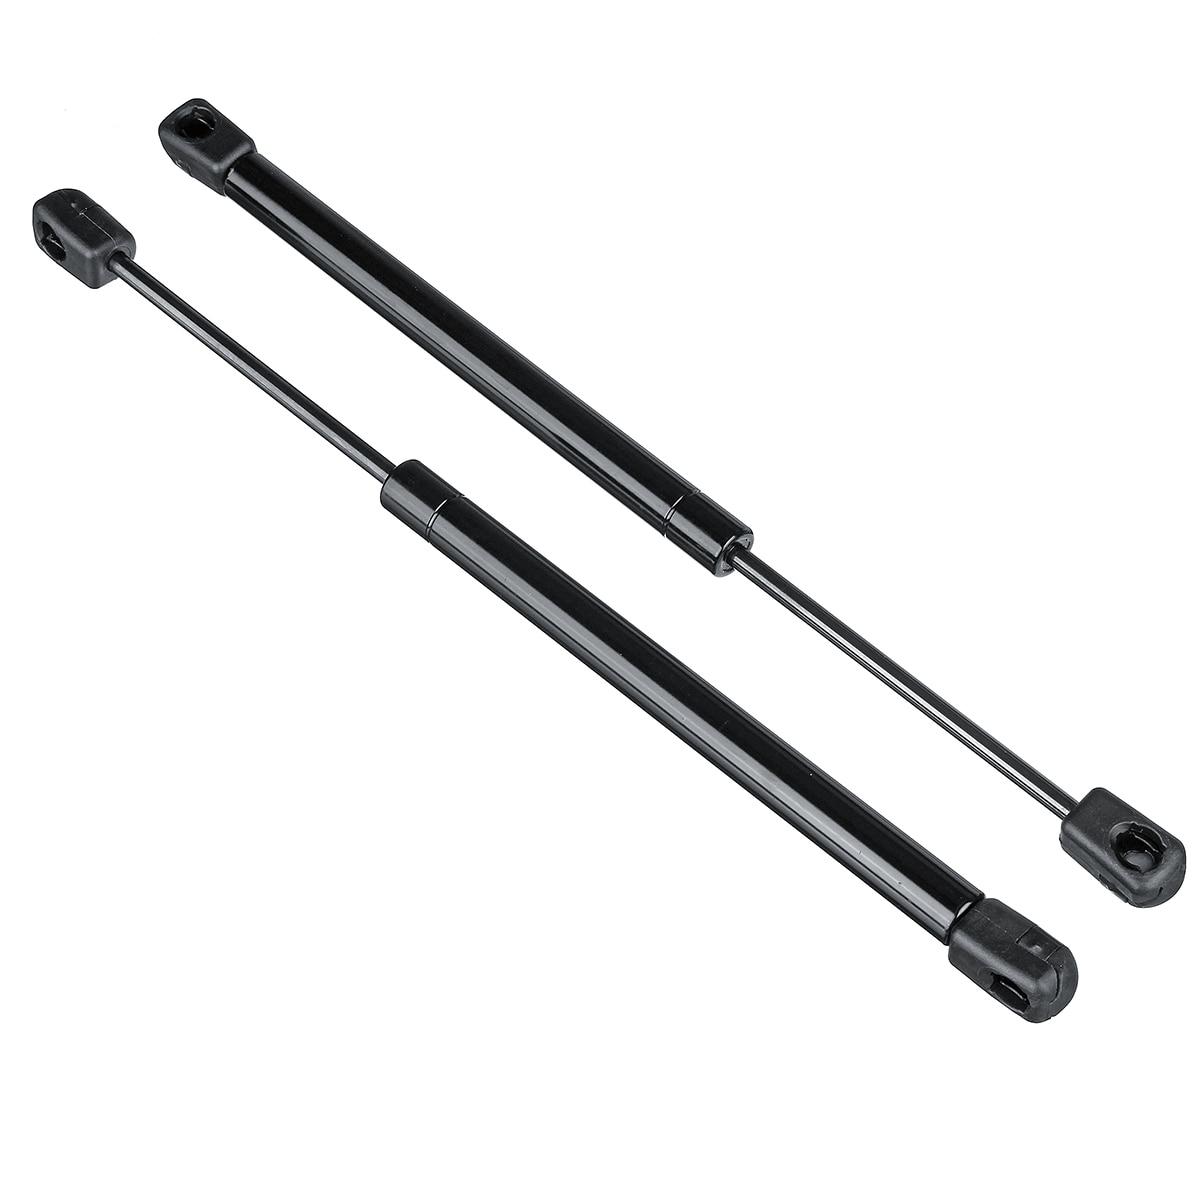 2 Hood Lift Supports Struts Prop Rod Damper Shocks Ford Explorer Sport XLT